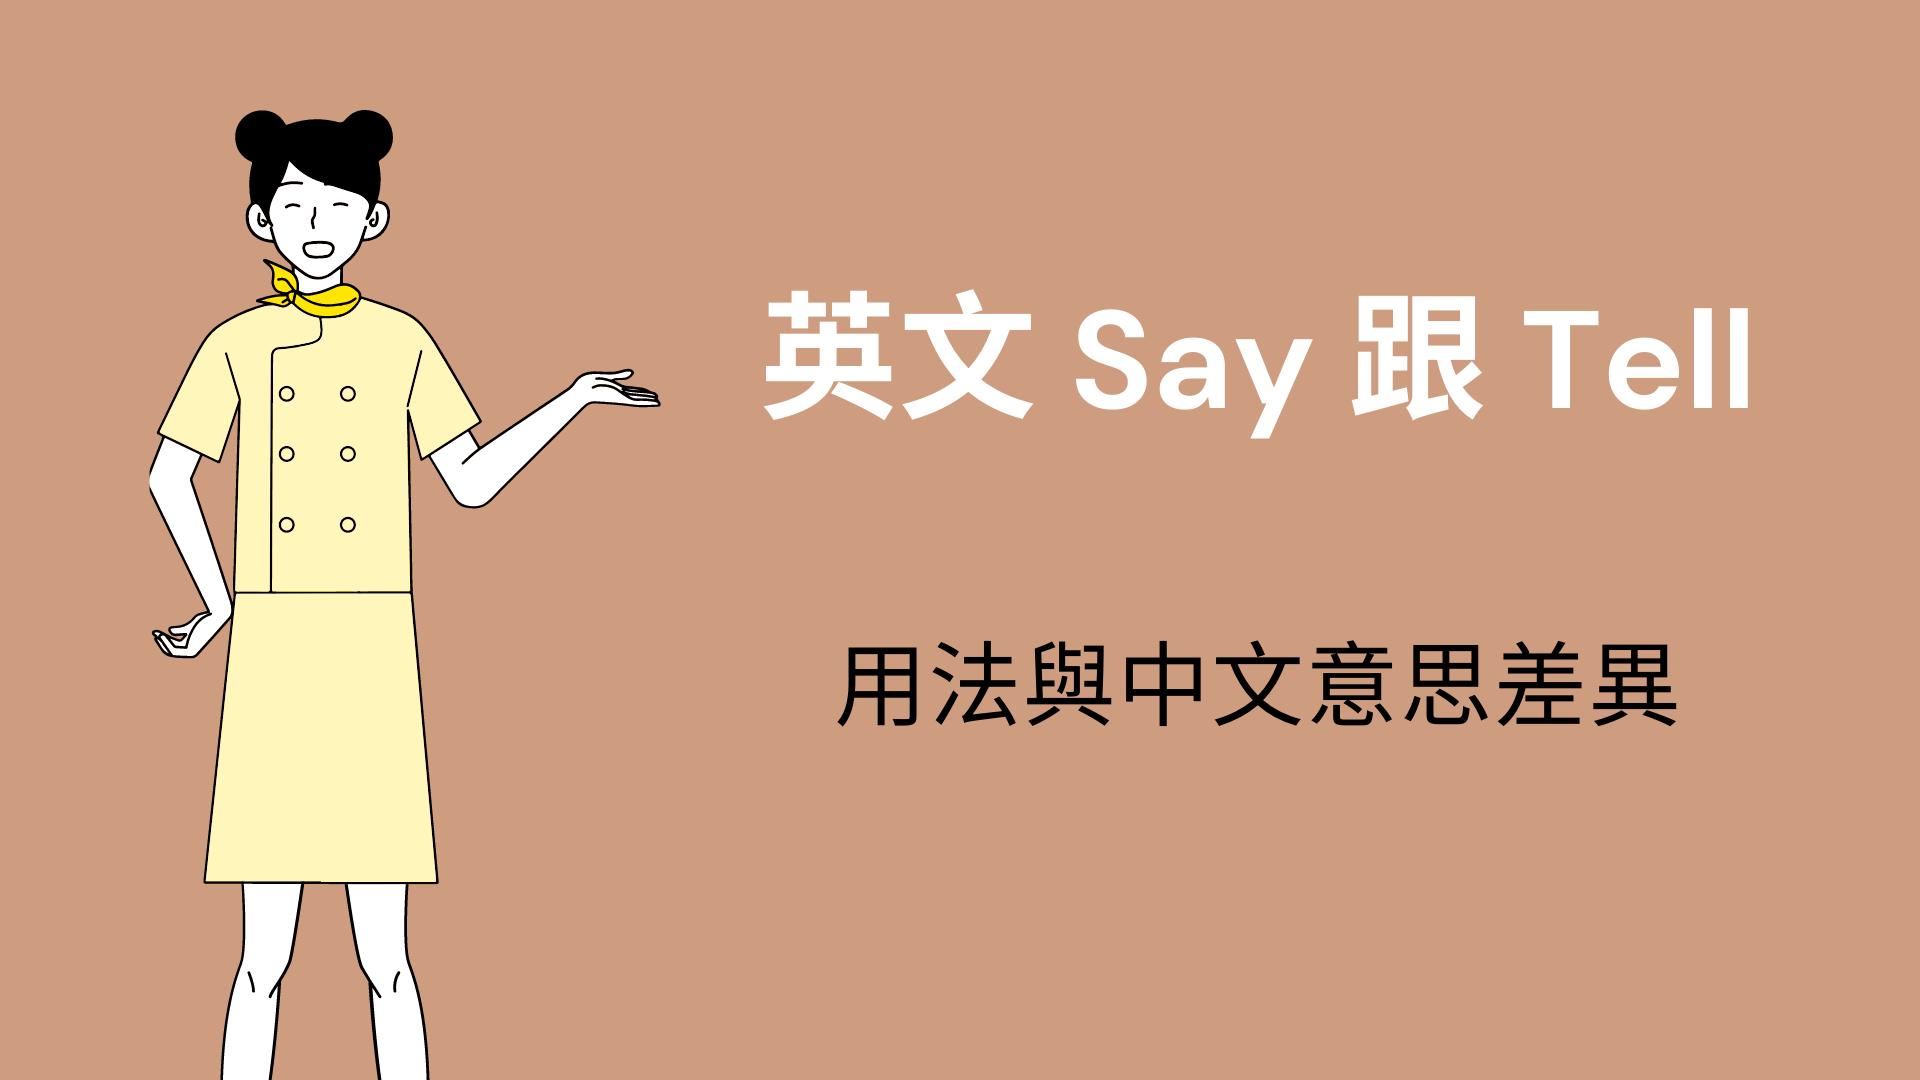 都是「說話」,英文 Say 跟 Tell 中文意思差在哪?